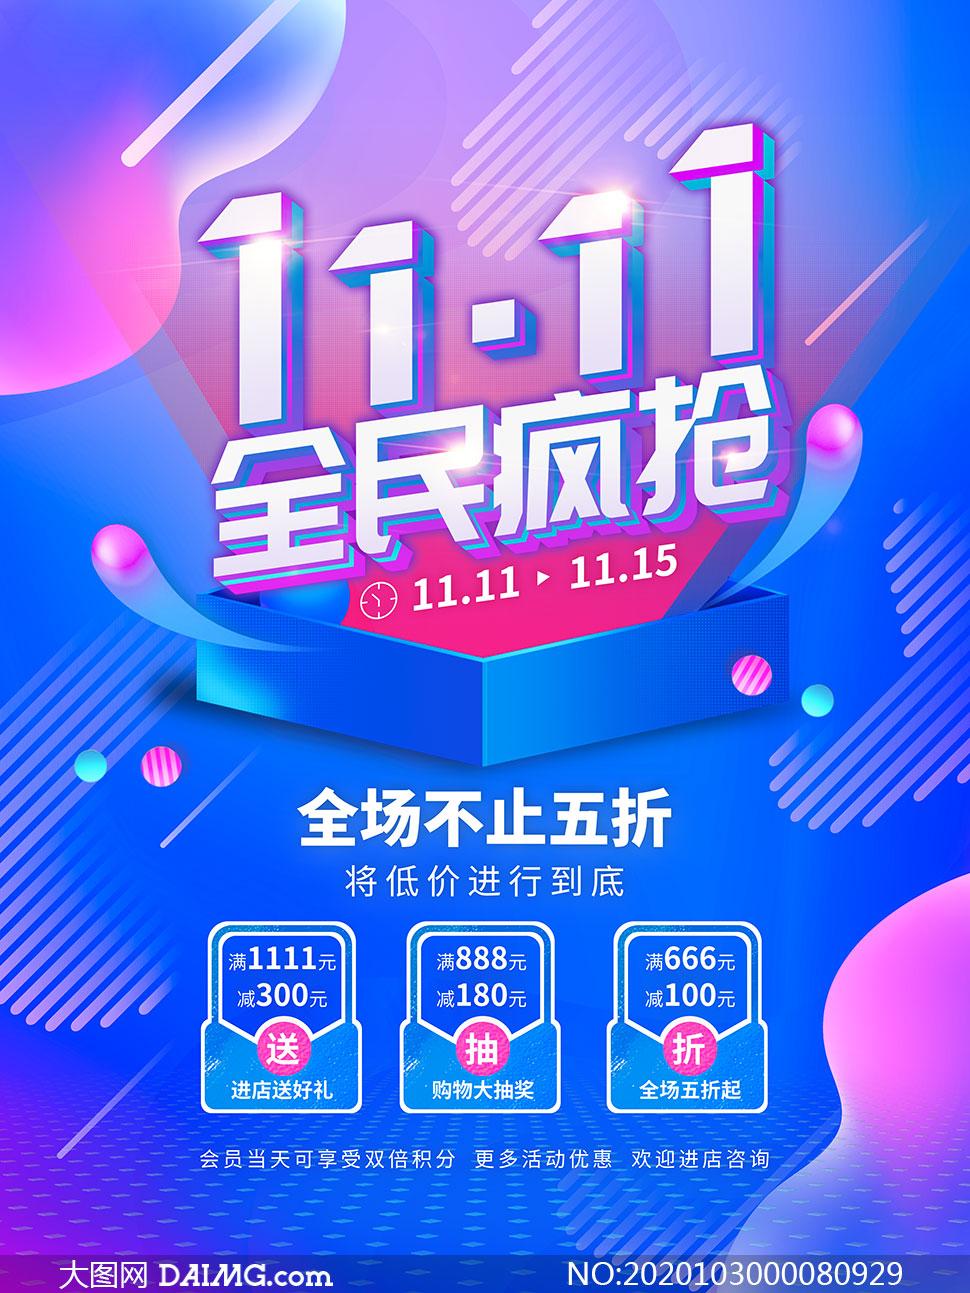 双11全民疯抢活动宣传单设计PSD模板